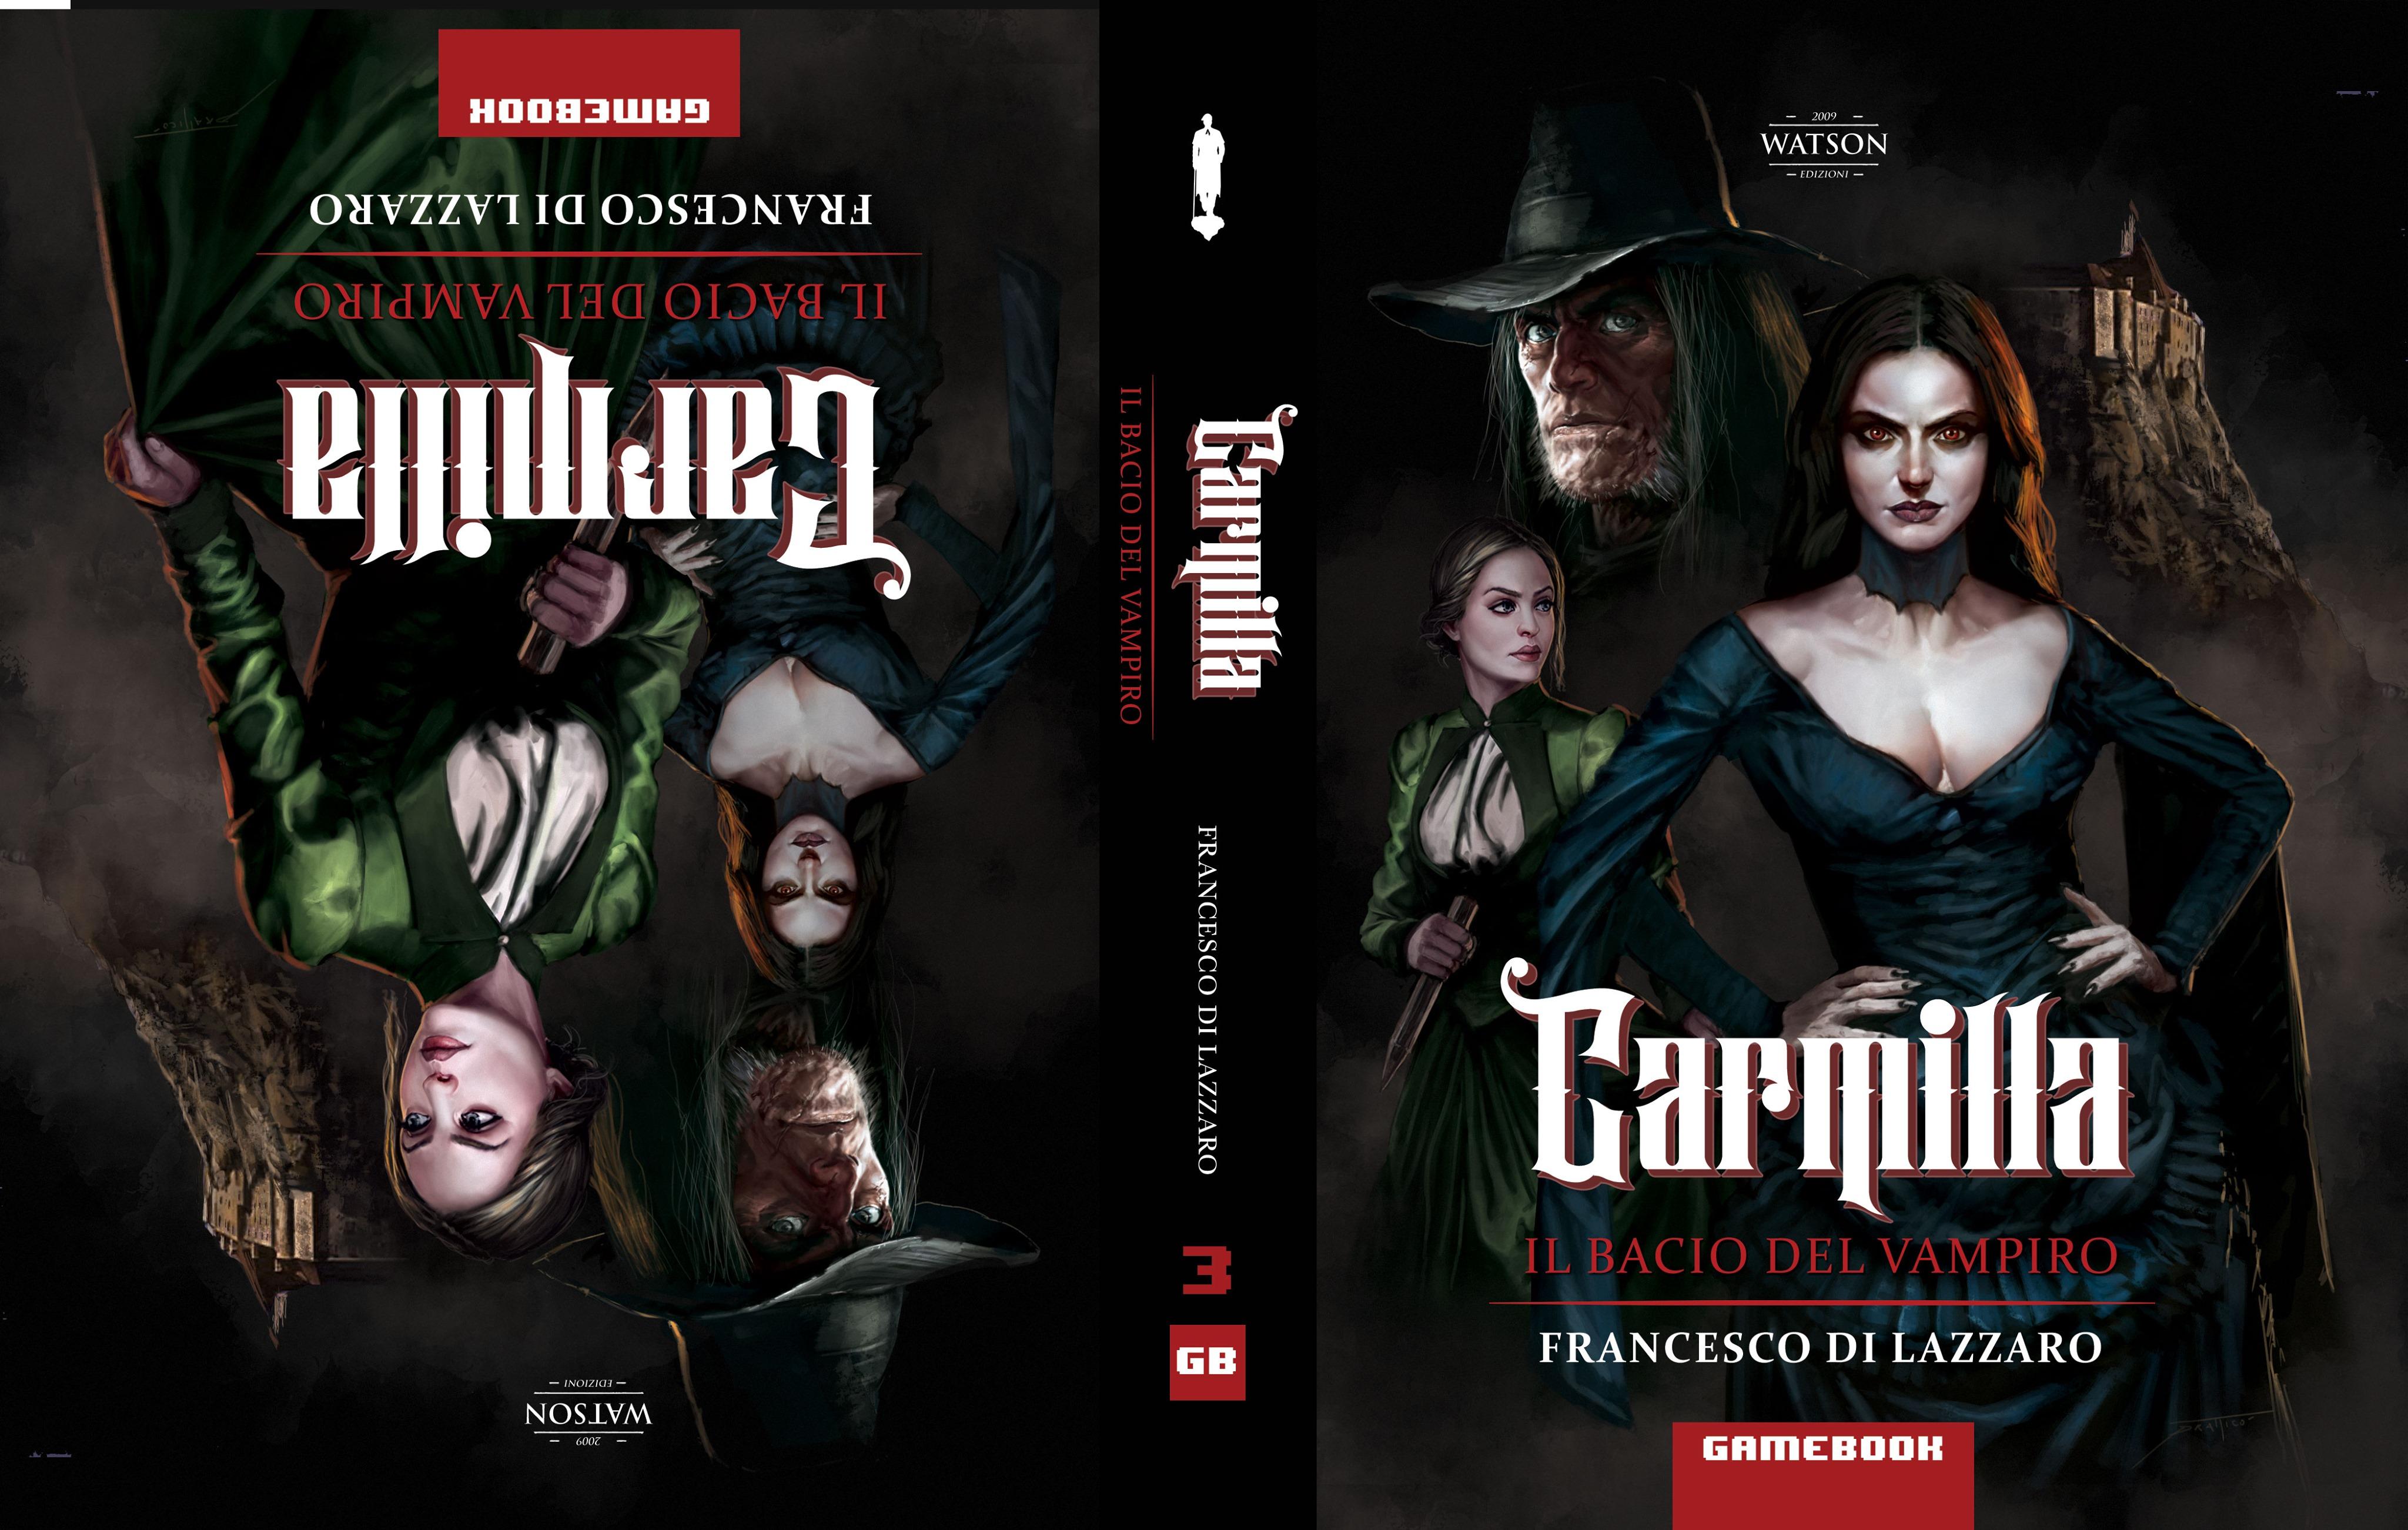 https://i.ibb.co/6BSVG7y/carmilla-cover.jpg